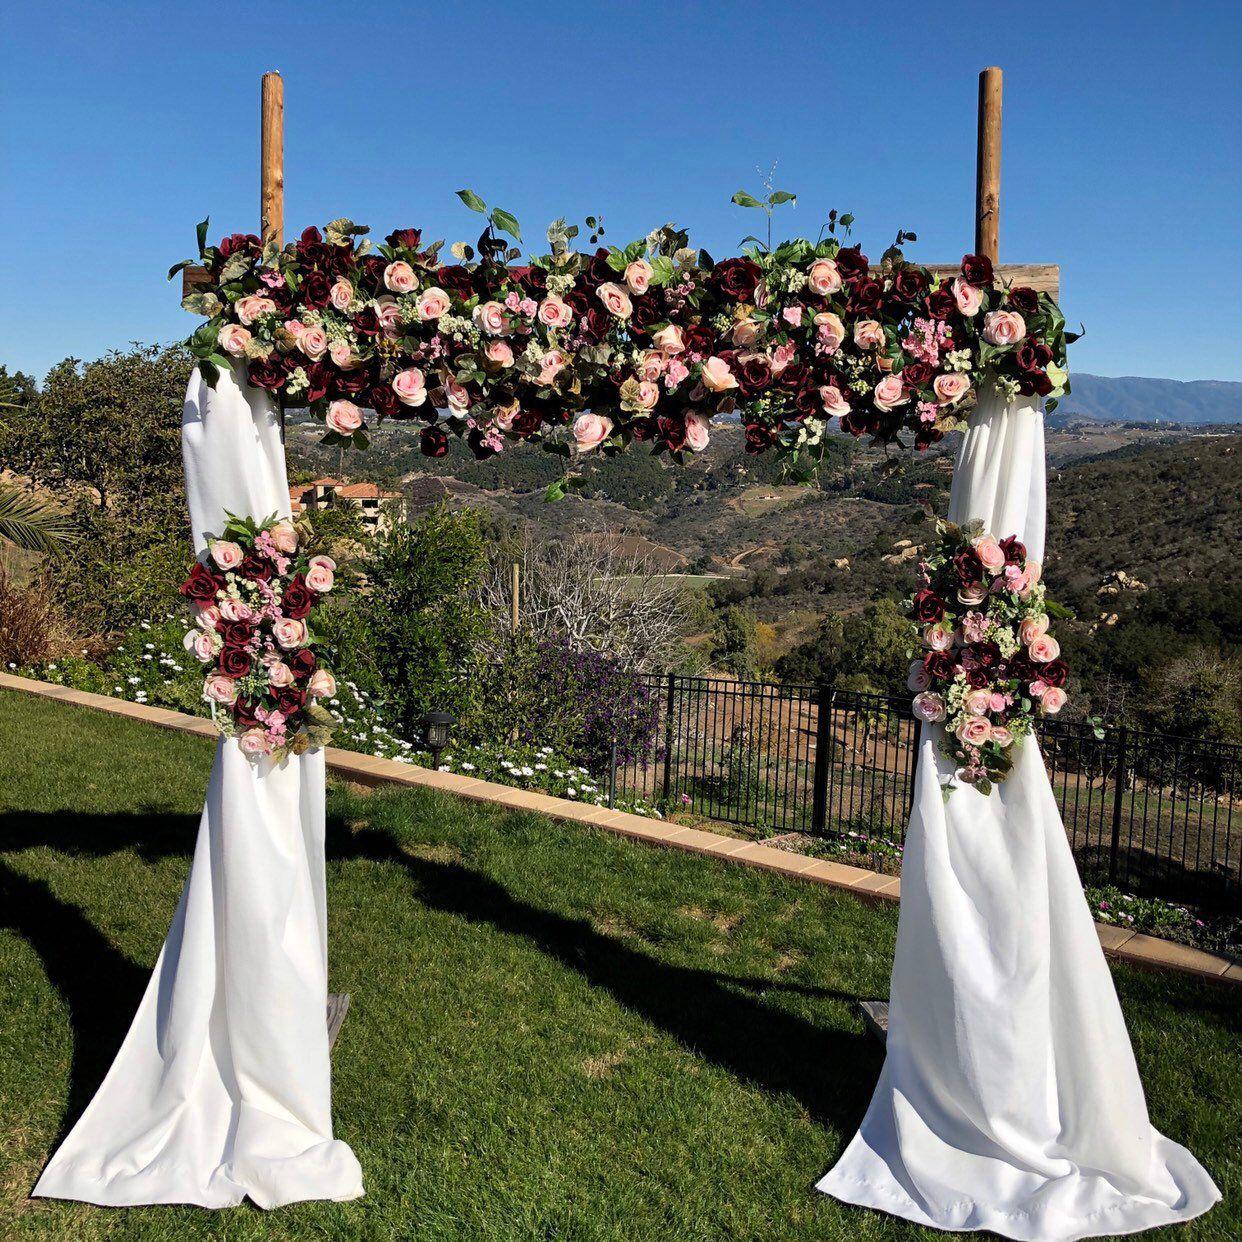 Burgundy Wedding Arch Flowers, Wedding Arch Package